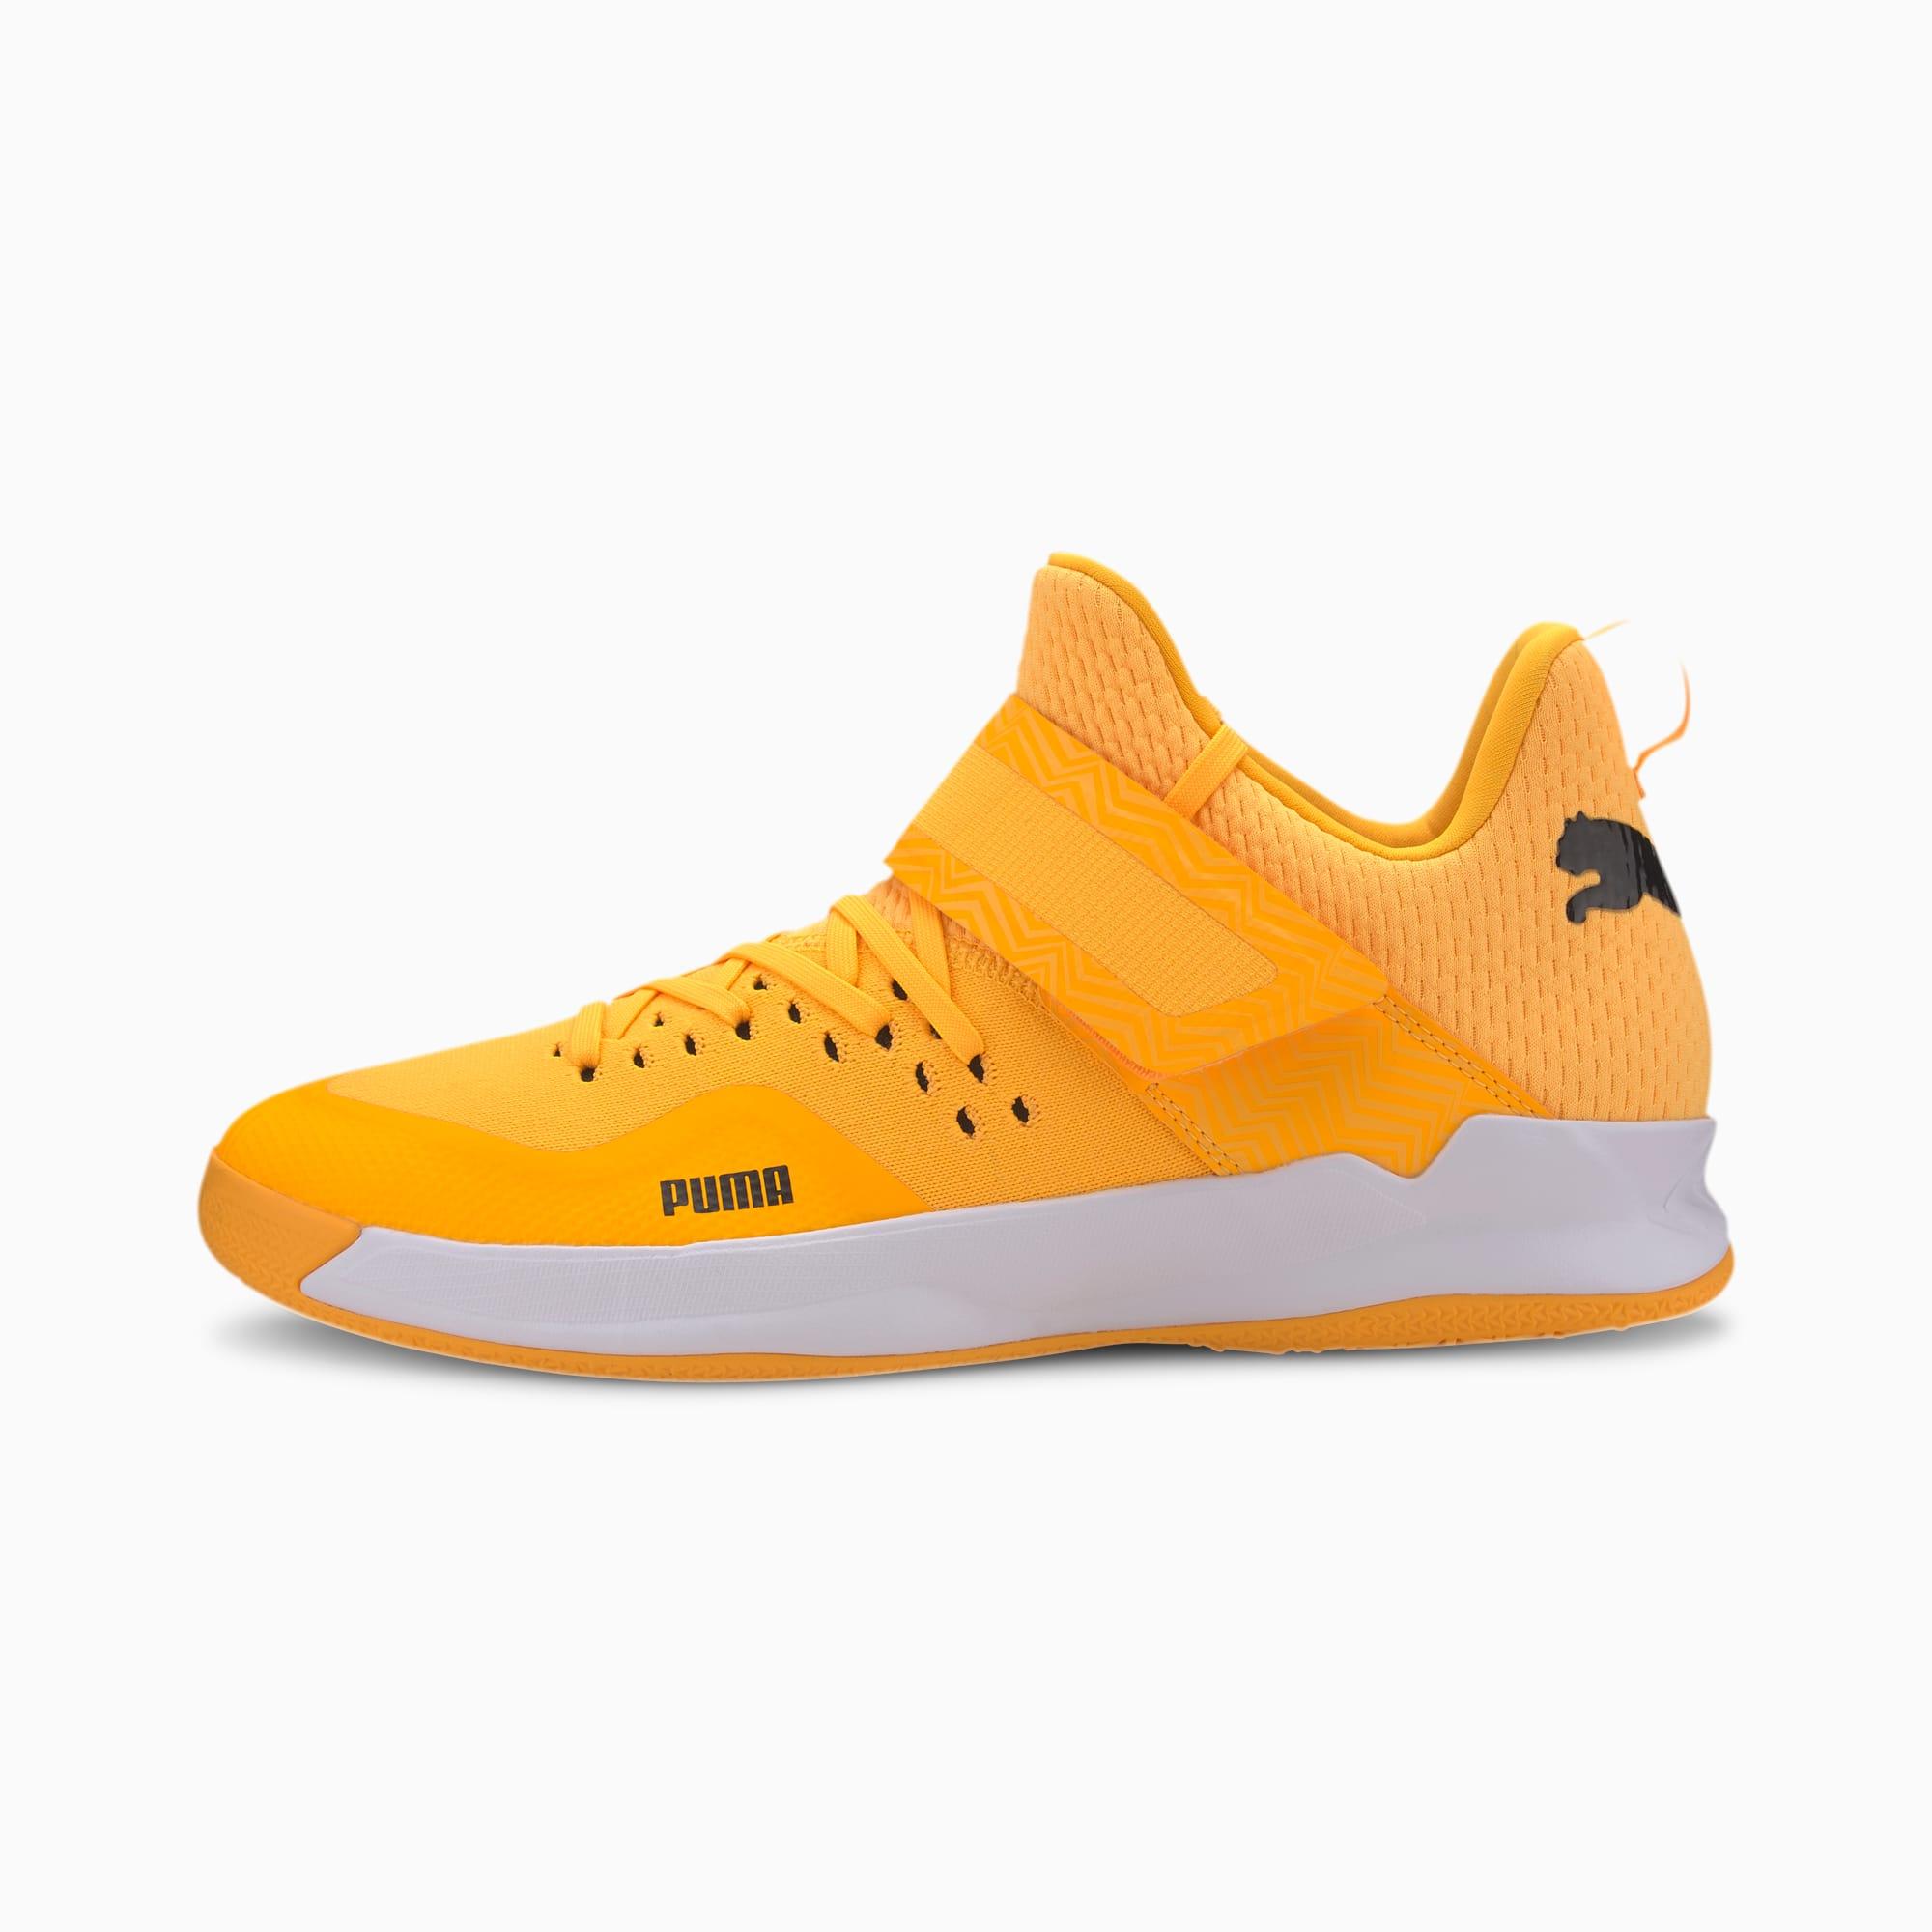 PUMA Chaussure Basket Rise XT NETFIT EH 2 Youth pour Enfant, Orange/Noir/Blanc, Taille 36, Chaussures